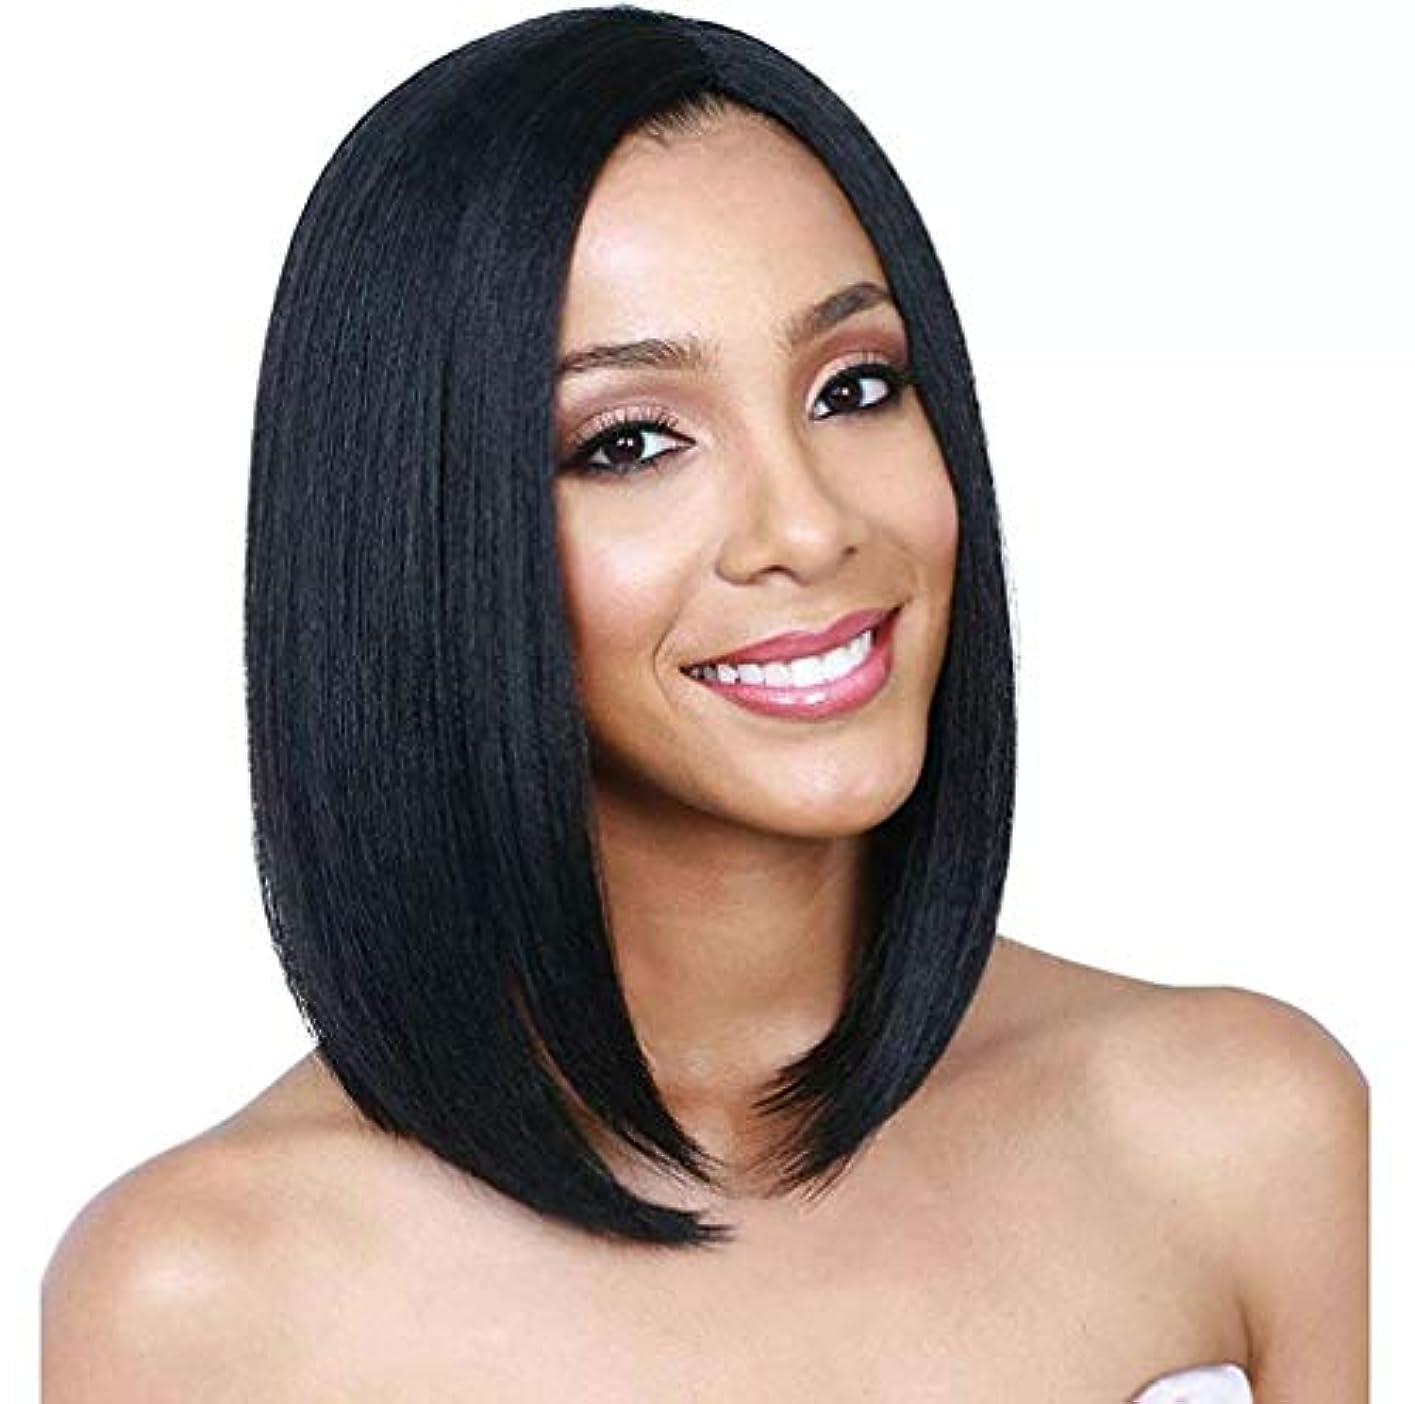 マキシムしょっぱい約女性のかつらボブストレート人工毛ウィッグ耐熱繊維グルーレス髪の毎日パーティーグラデーション150%高密度